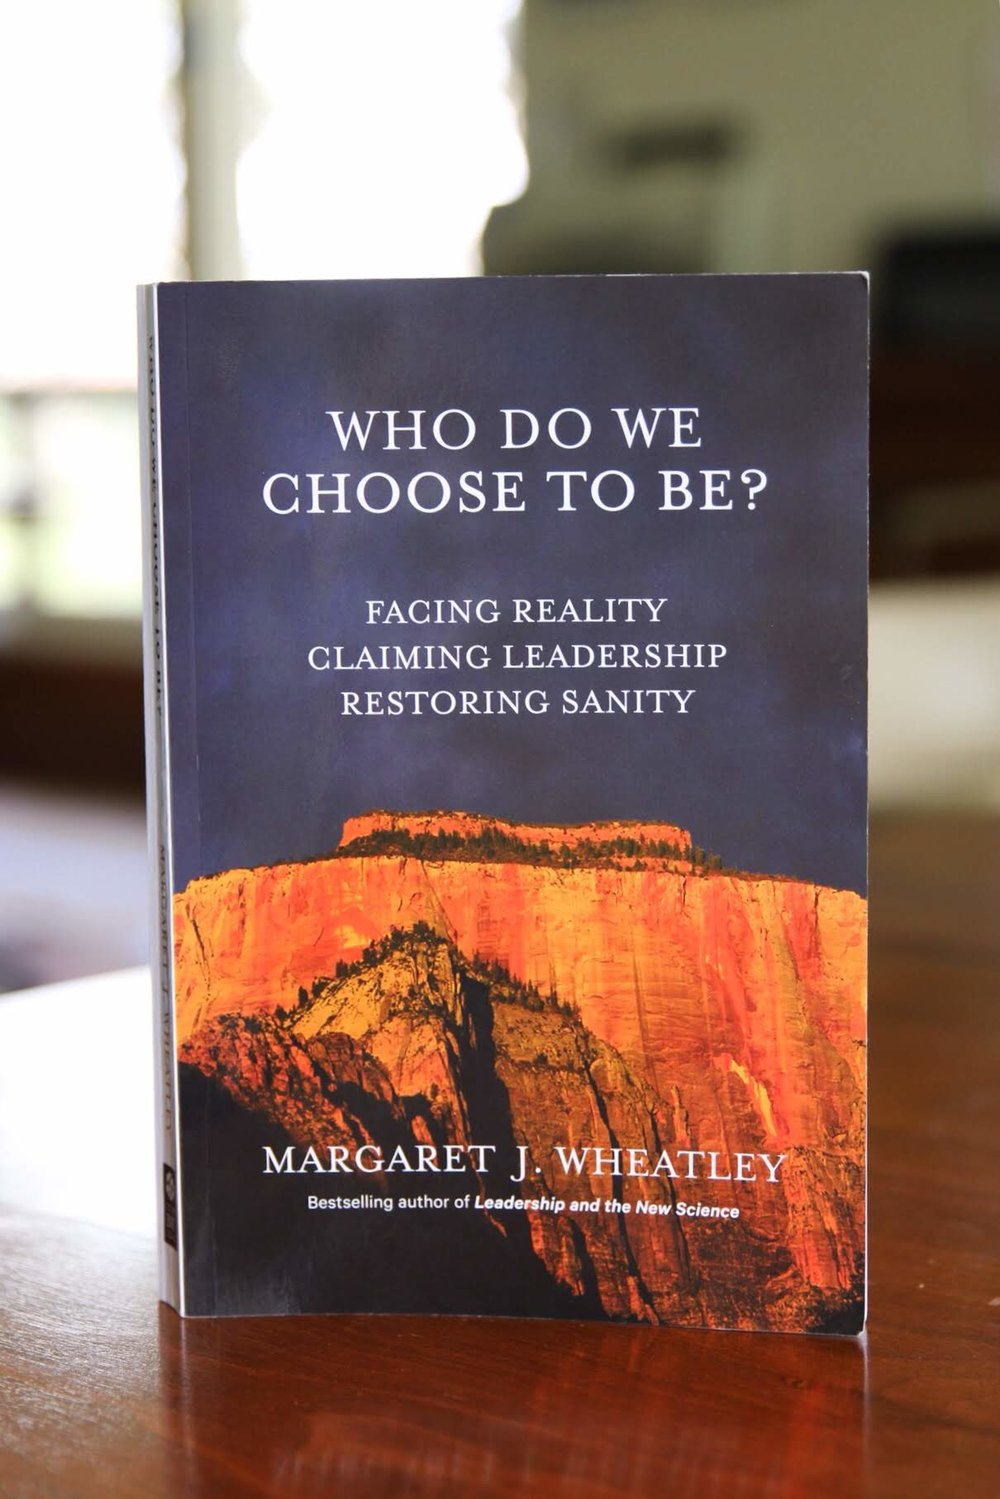 Meg's most recent book